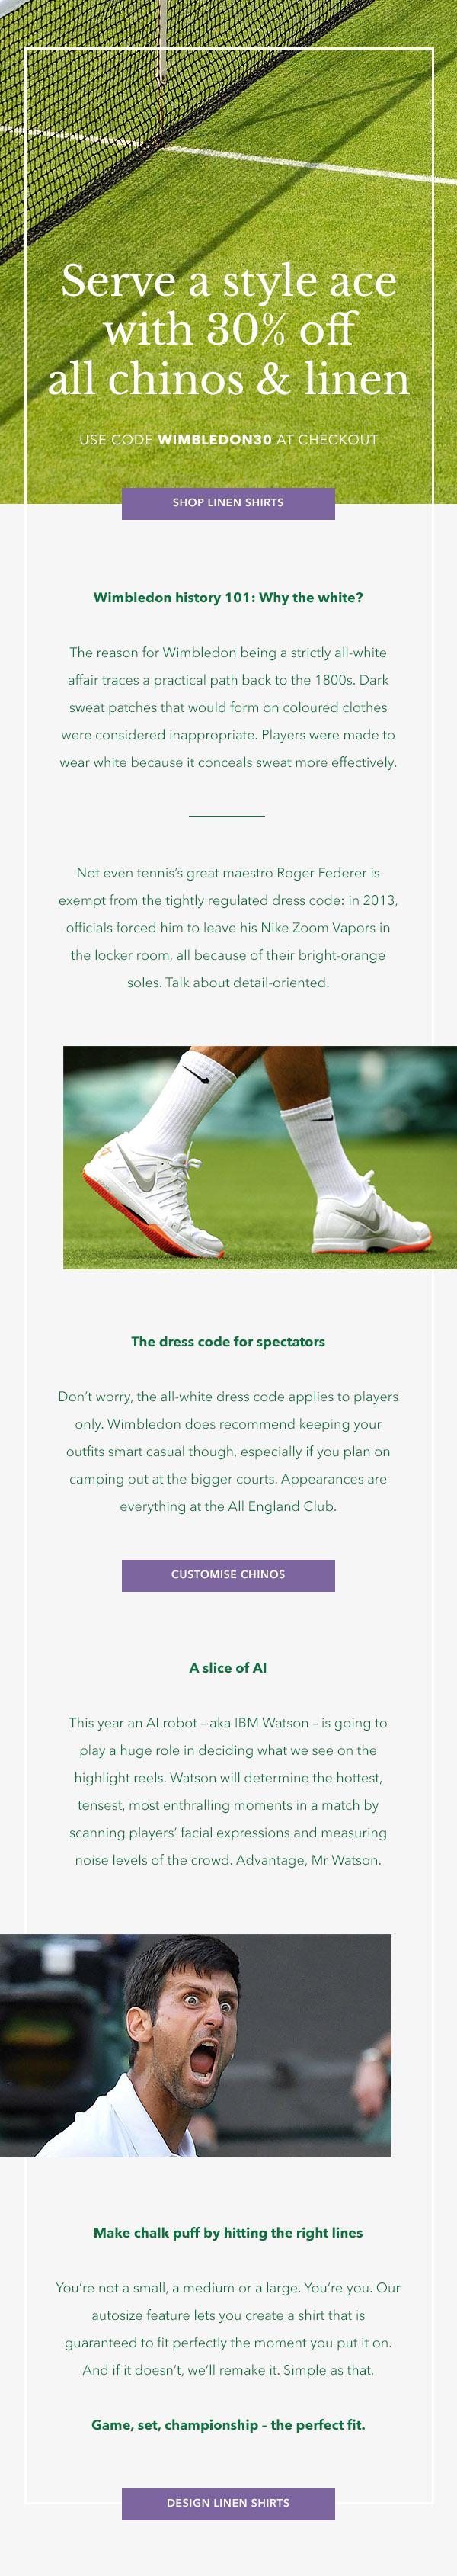 Wimbledon email